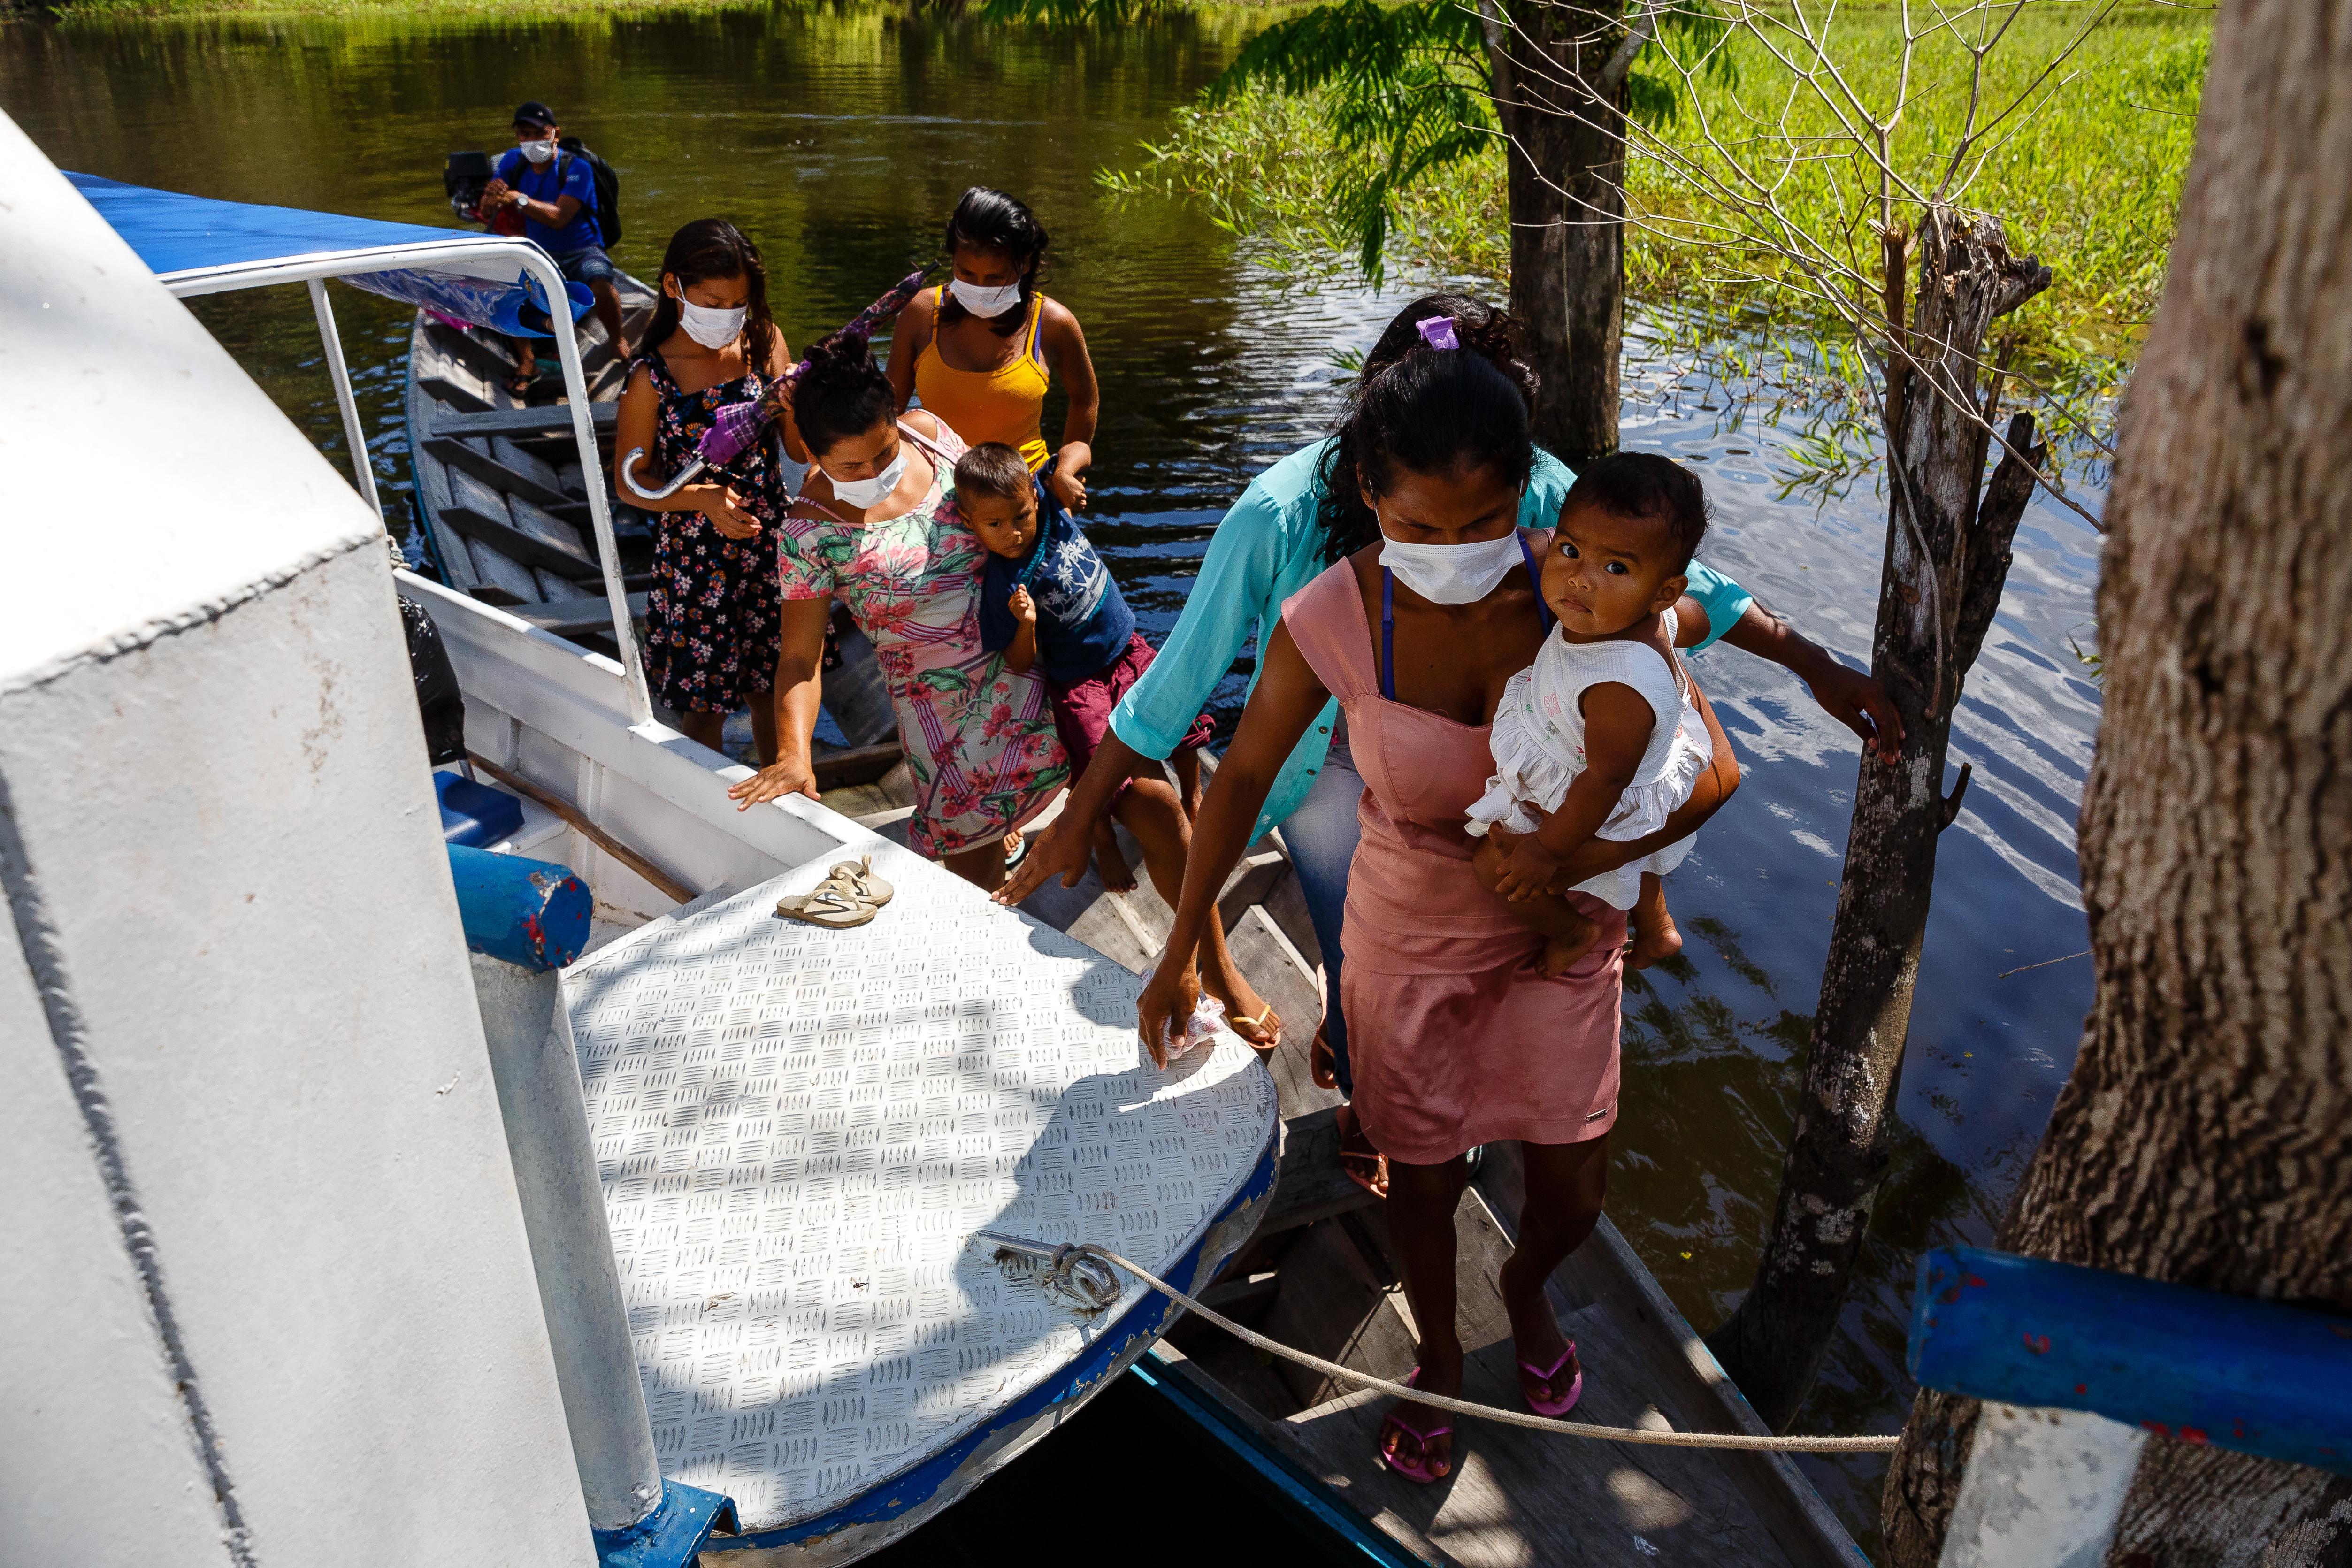 (haut) Les équipes MSF quittent le bateau-clinique pour effectuer le dépistage et les vaccinations de routine, de maison en maison, État d'Amazonas, Brésil, juillet 2020. (bas) La population locale arrive au bateau-clinique pour recevoir des soins. L'équipe MSF a aidé à aménager le circuit des patients et a améliorer les protocoles de prévention et de contrôle des infections pour réduire le risque de contamination, État d'Amazonas, Brésil, juillet 2020. © Diego Baravelli/MSF